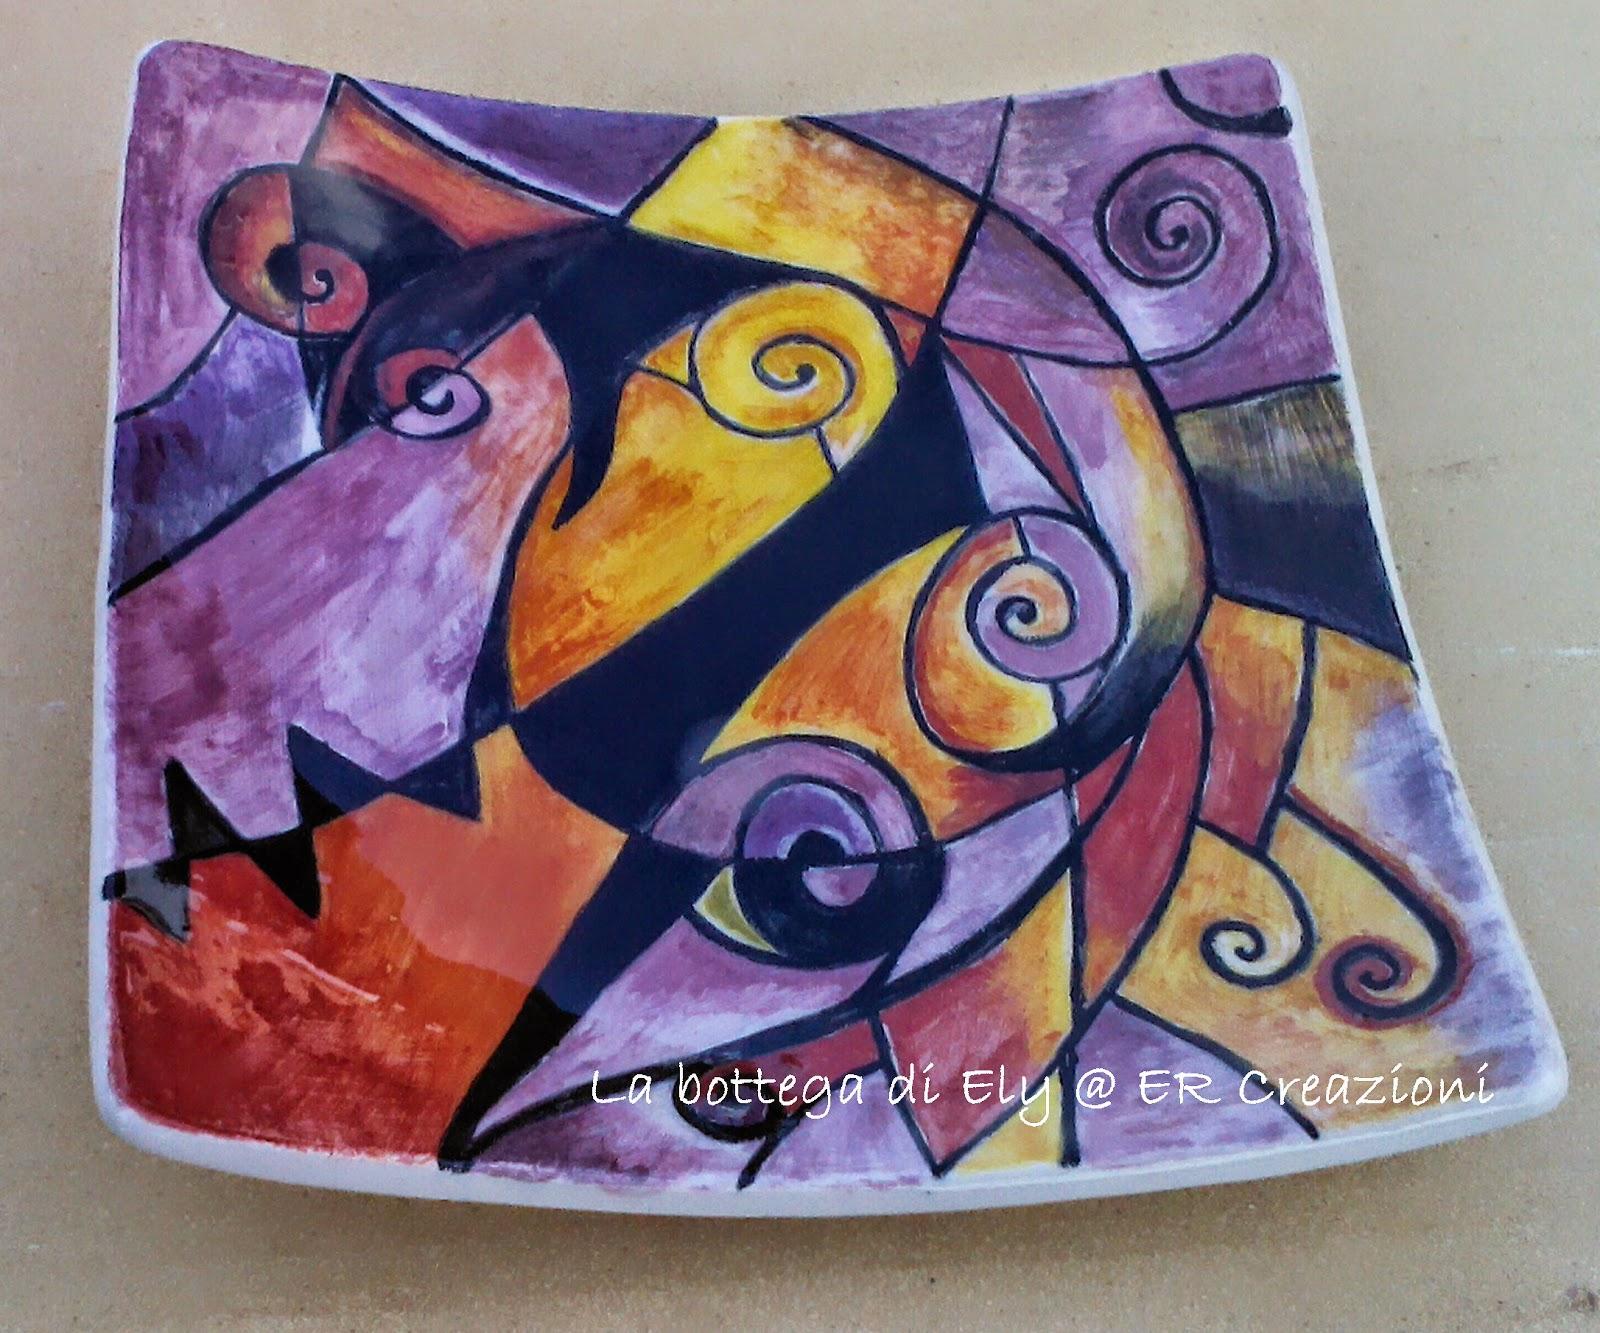 piatto rettangolare in ceramica fatto a a mano fantasia viola arancio e nera